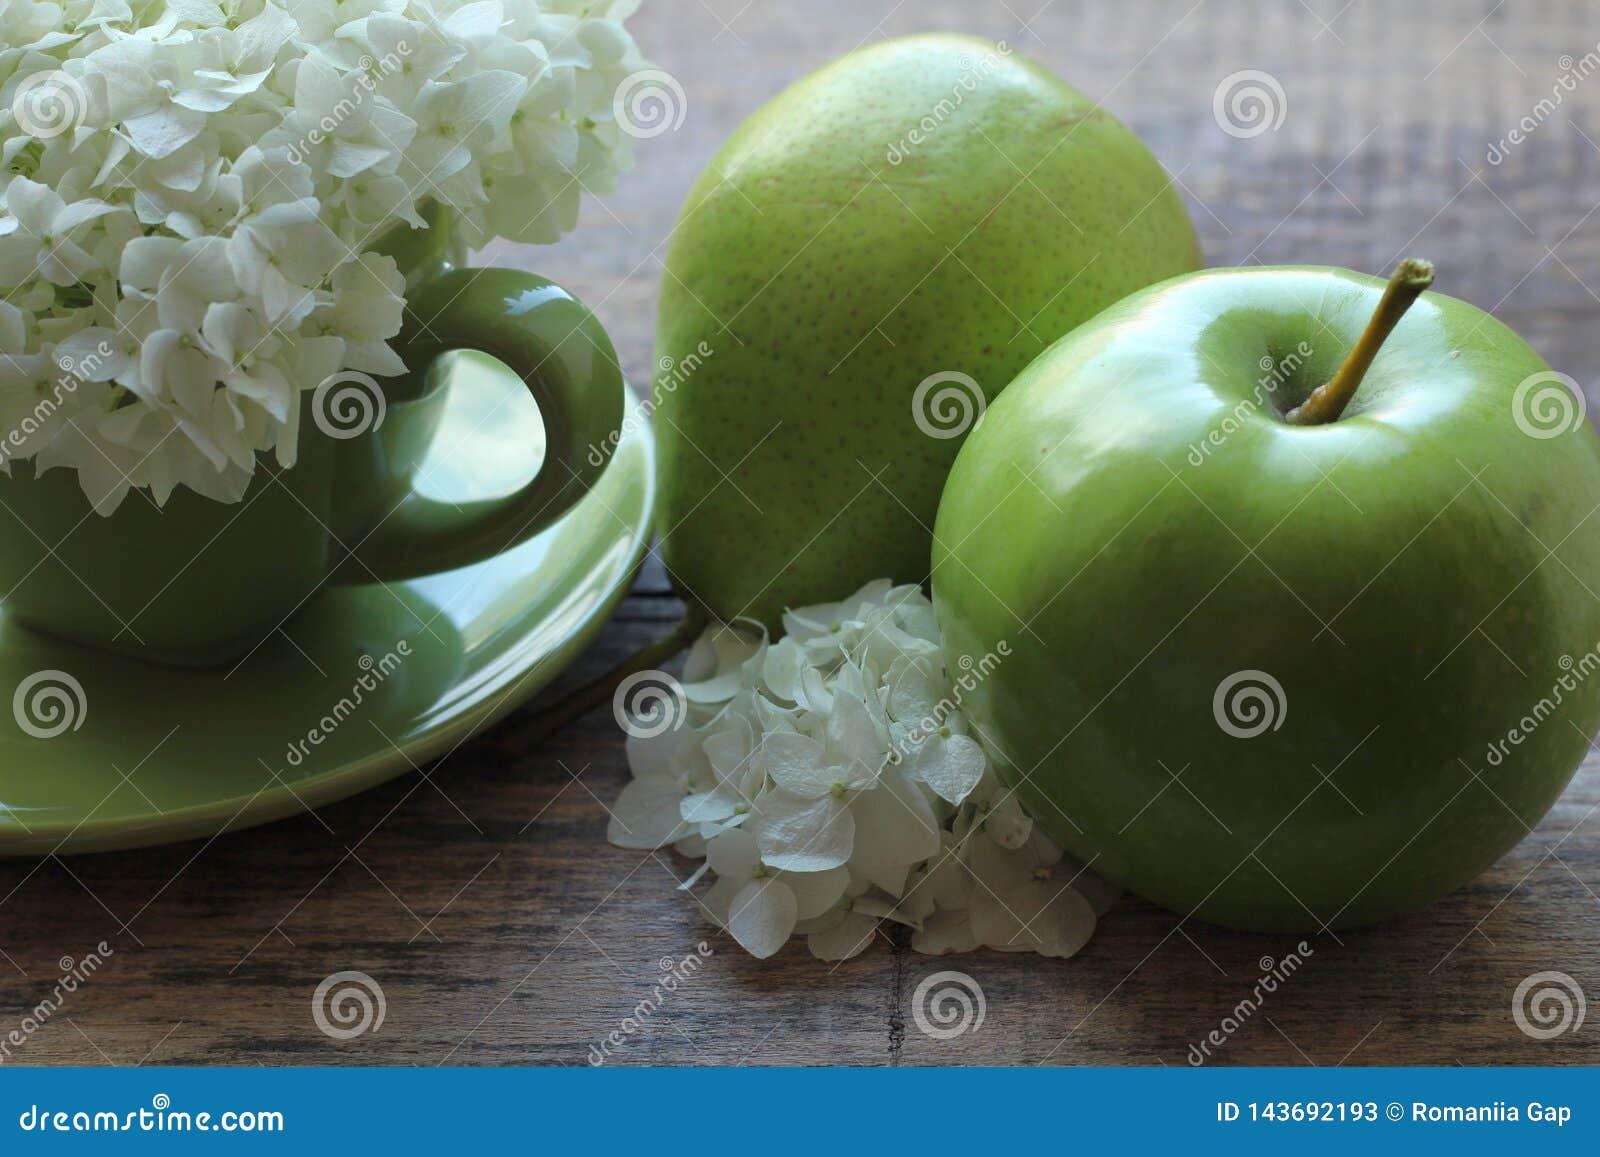 В зеленой чашке великолепное цветорасположение белых цветков, и рядом с зеленой грушей с яблоком